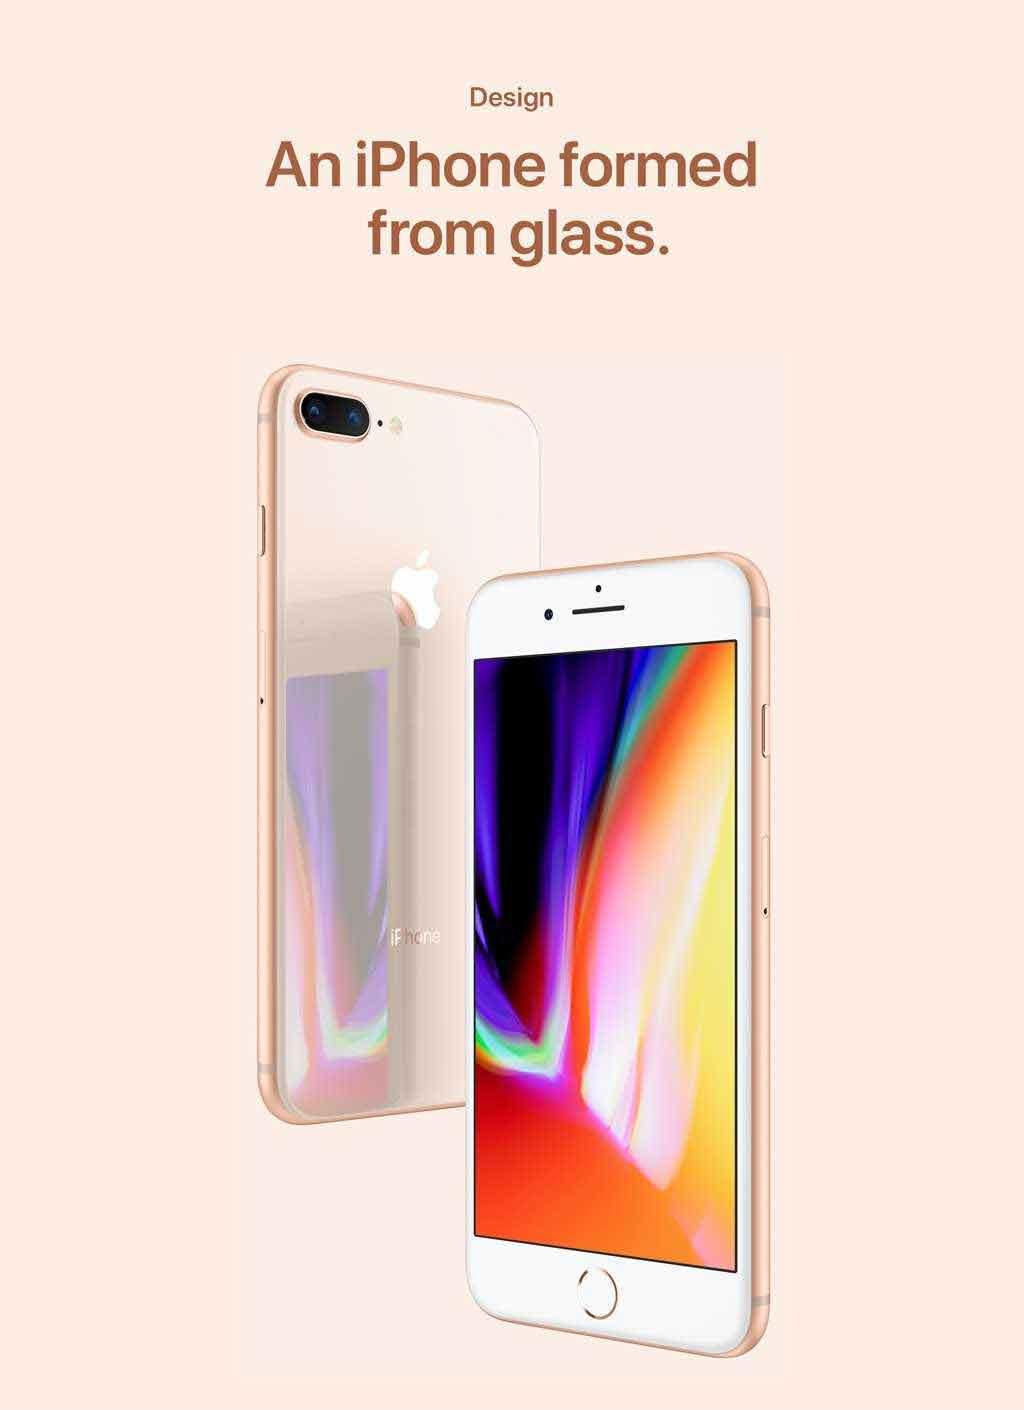 iphone 8 plus user guide